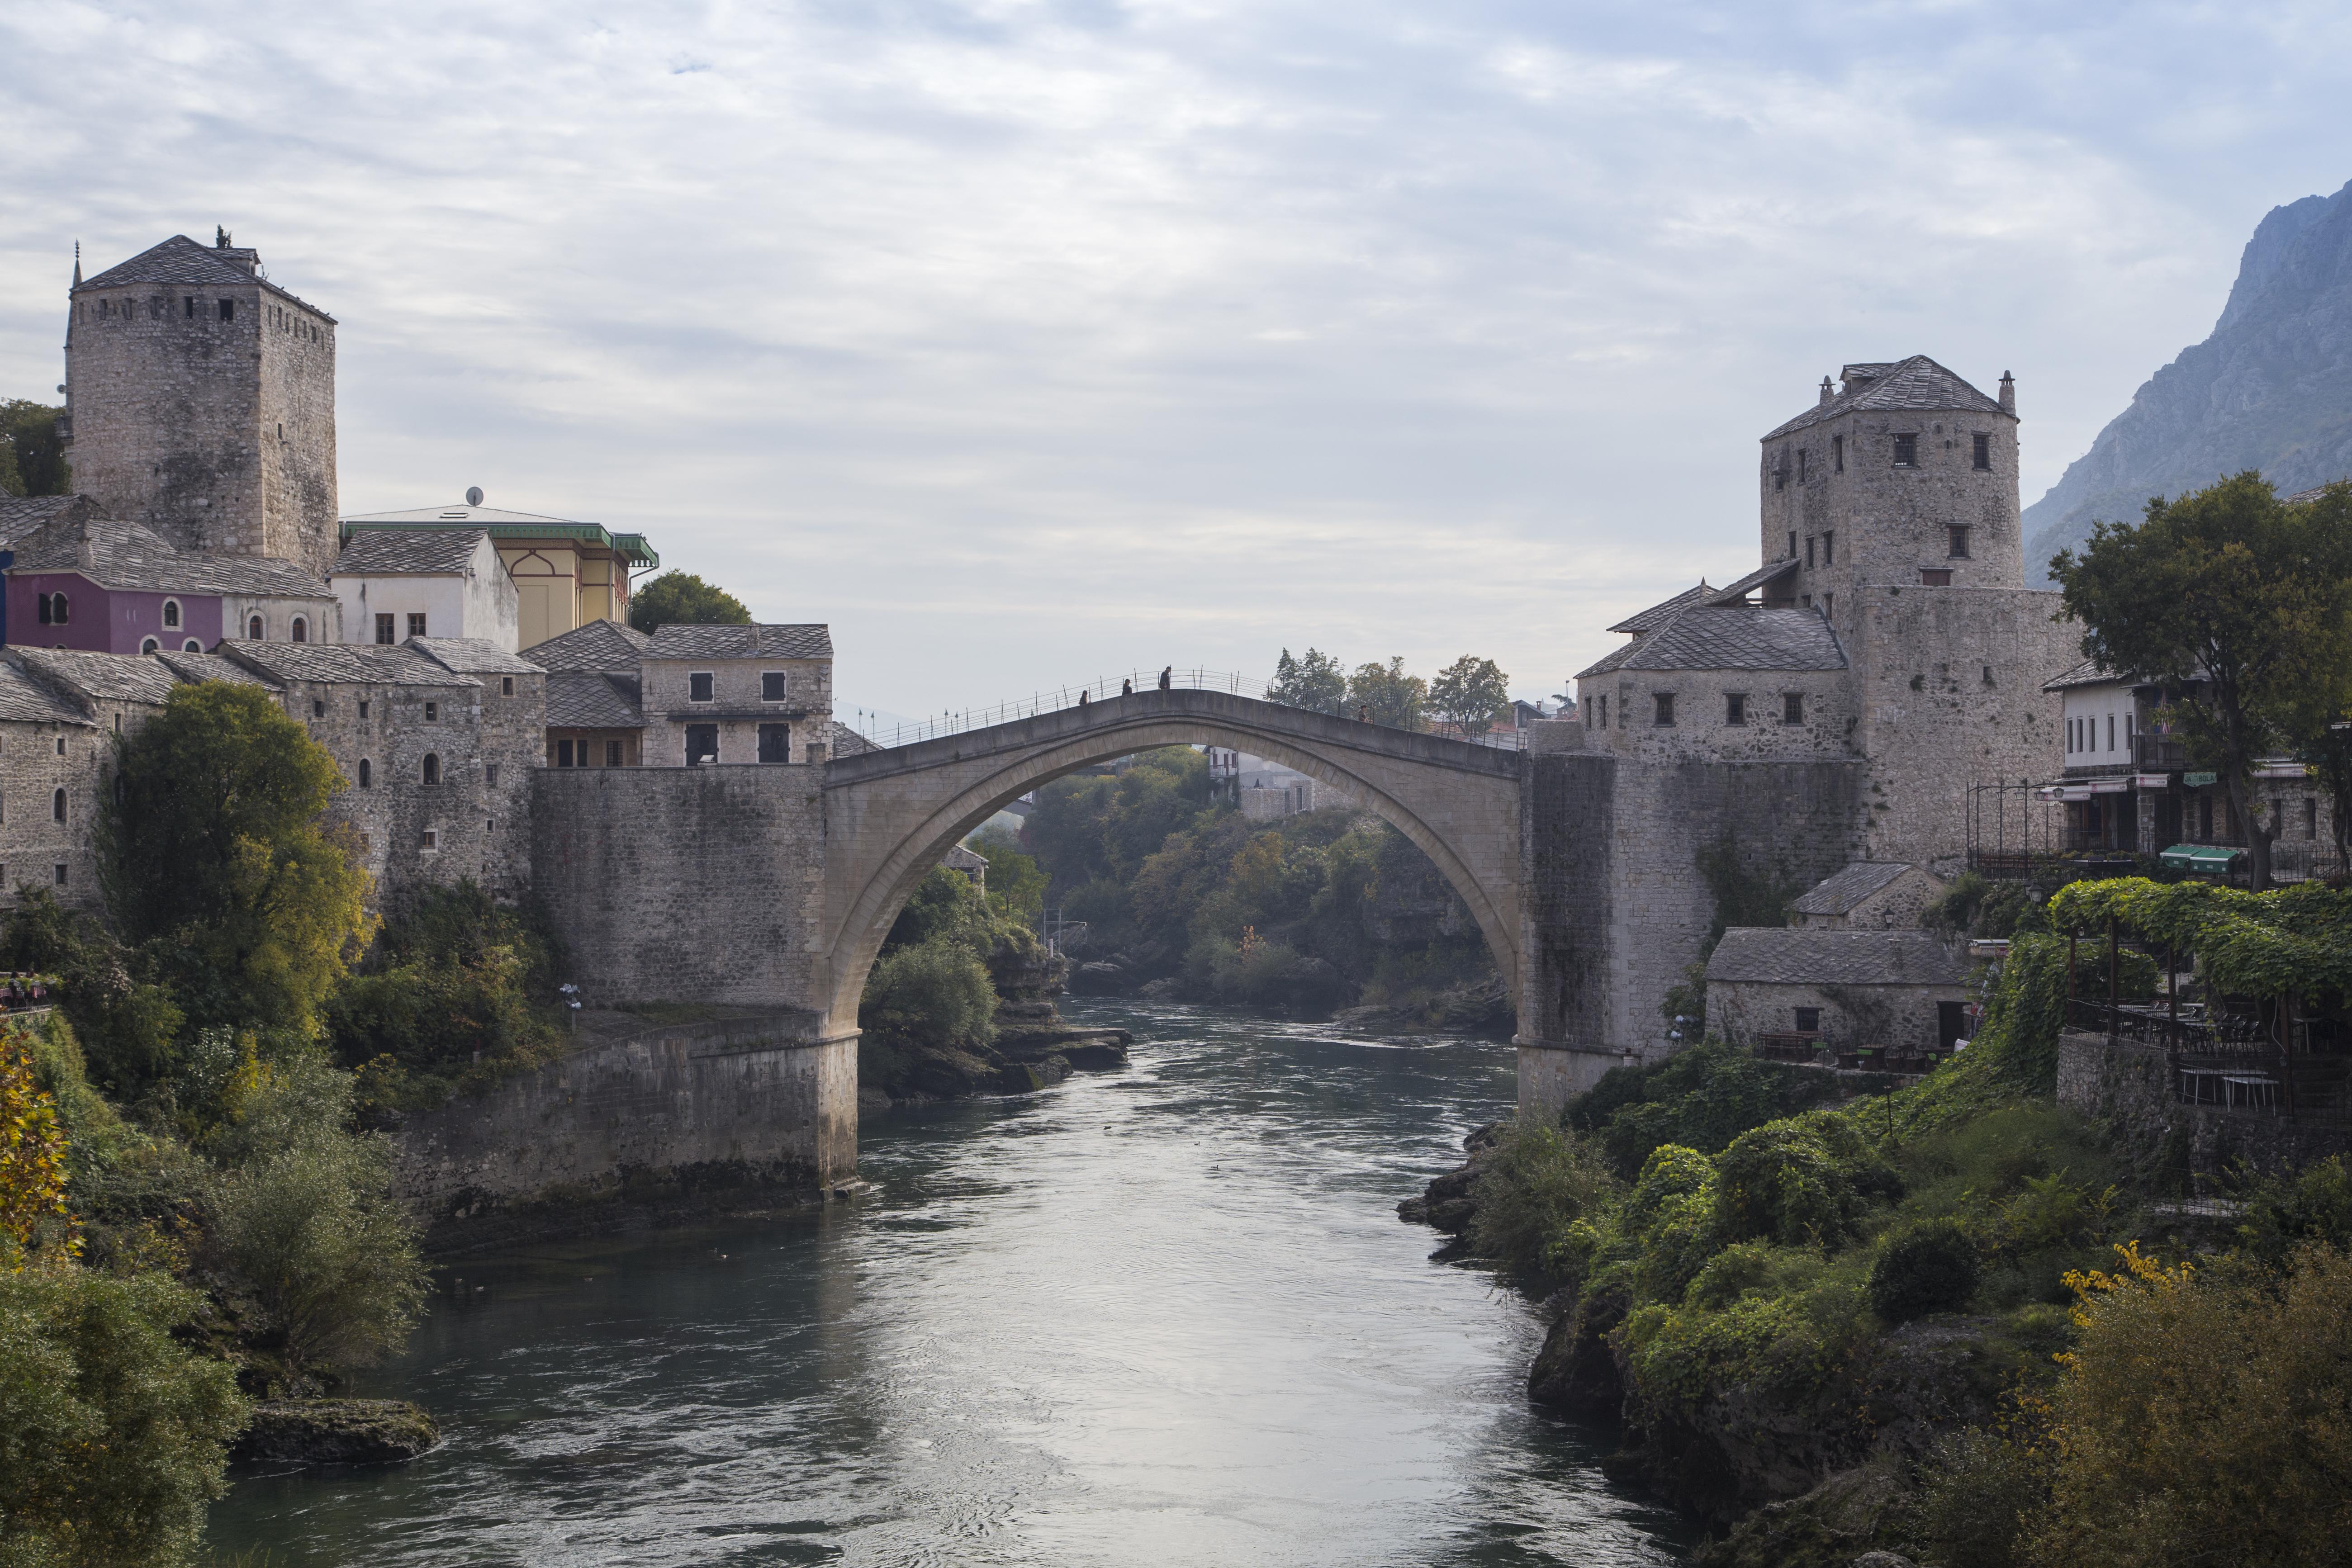 12 évnyi patthelyzet után először tartanak választást Mostarban